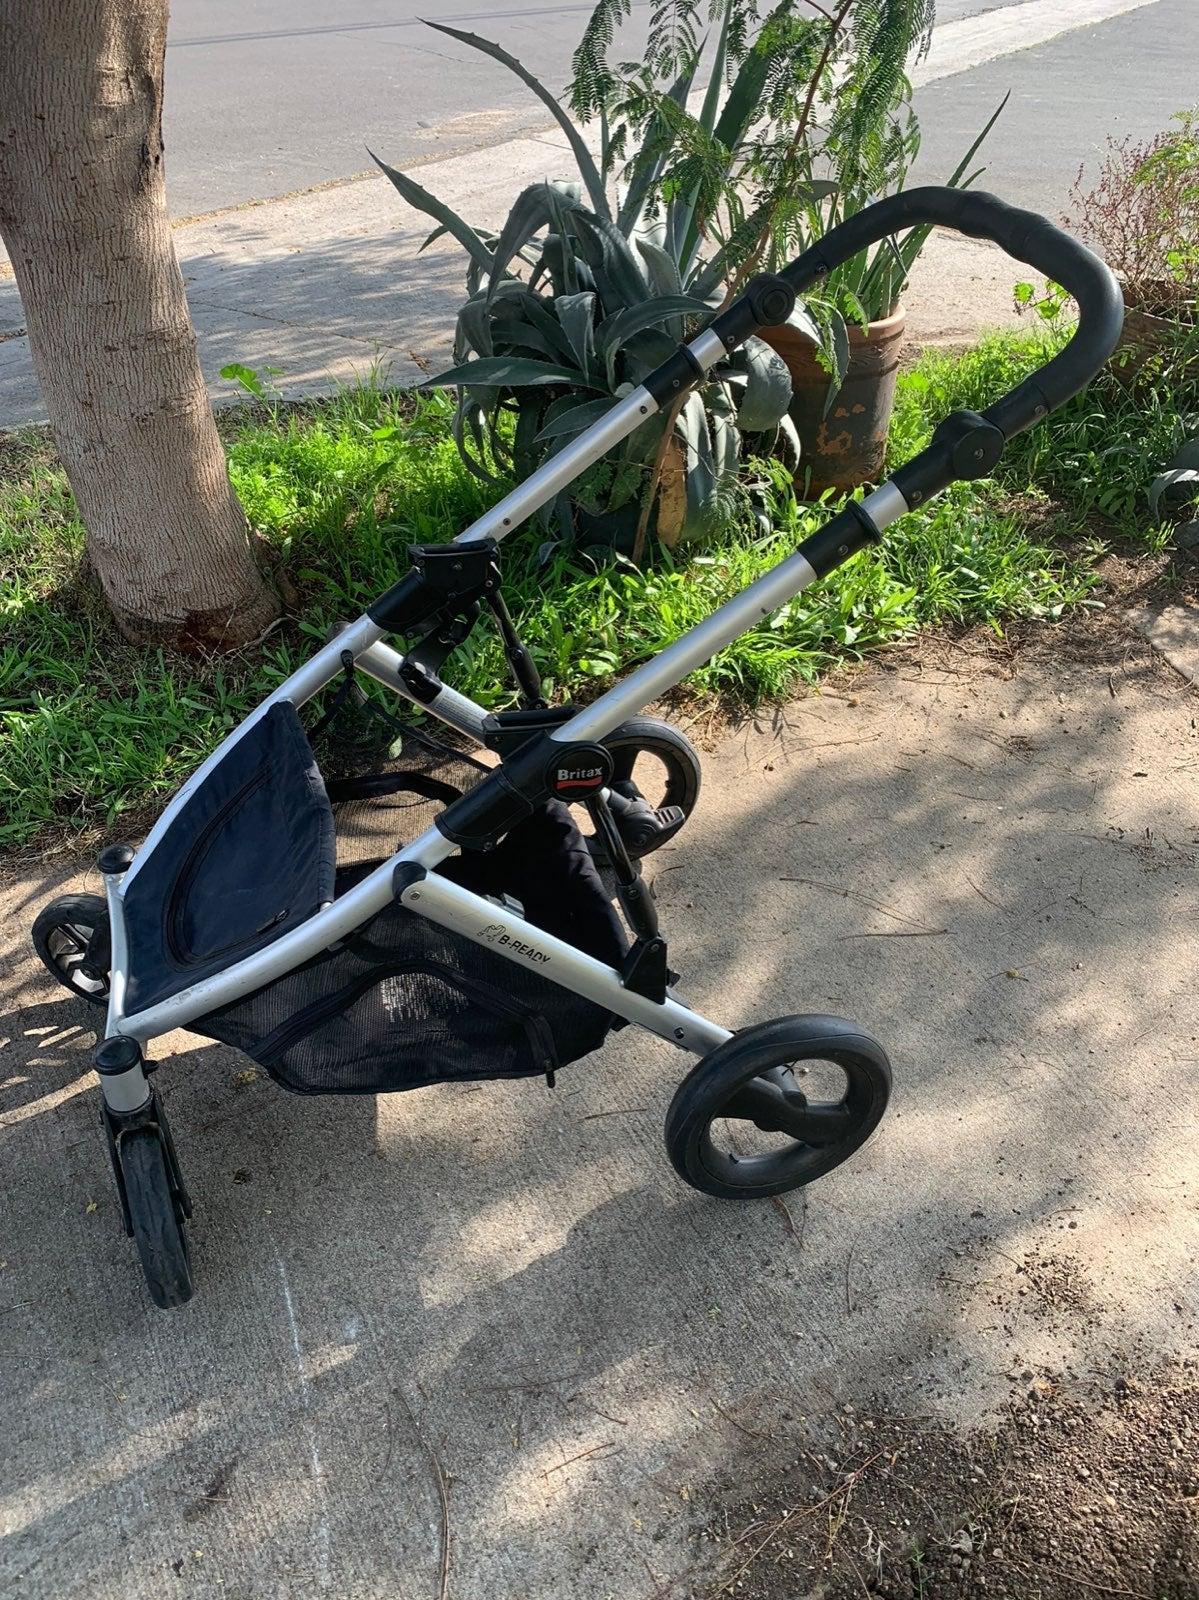 Britax b ready stroller frame